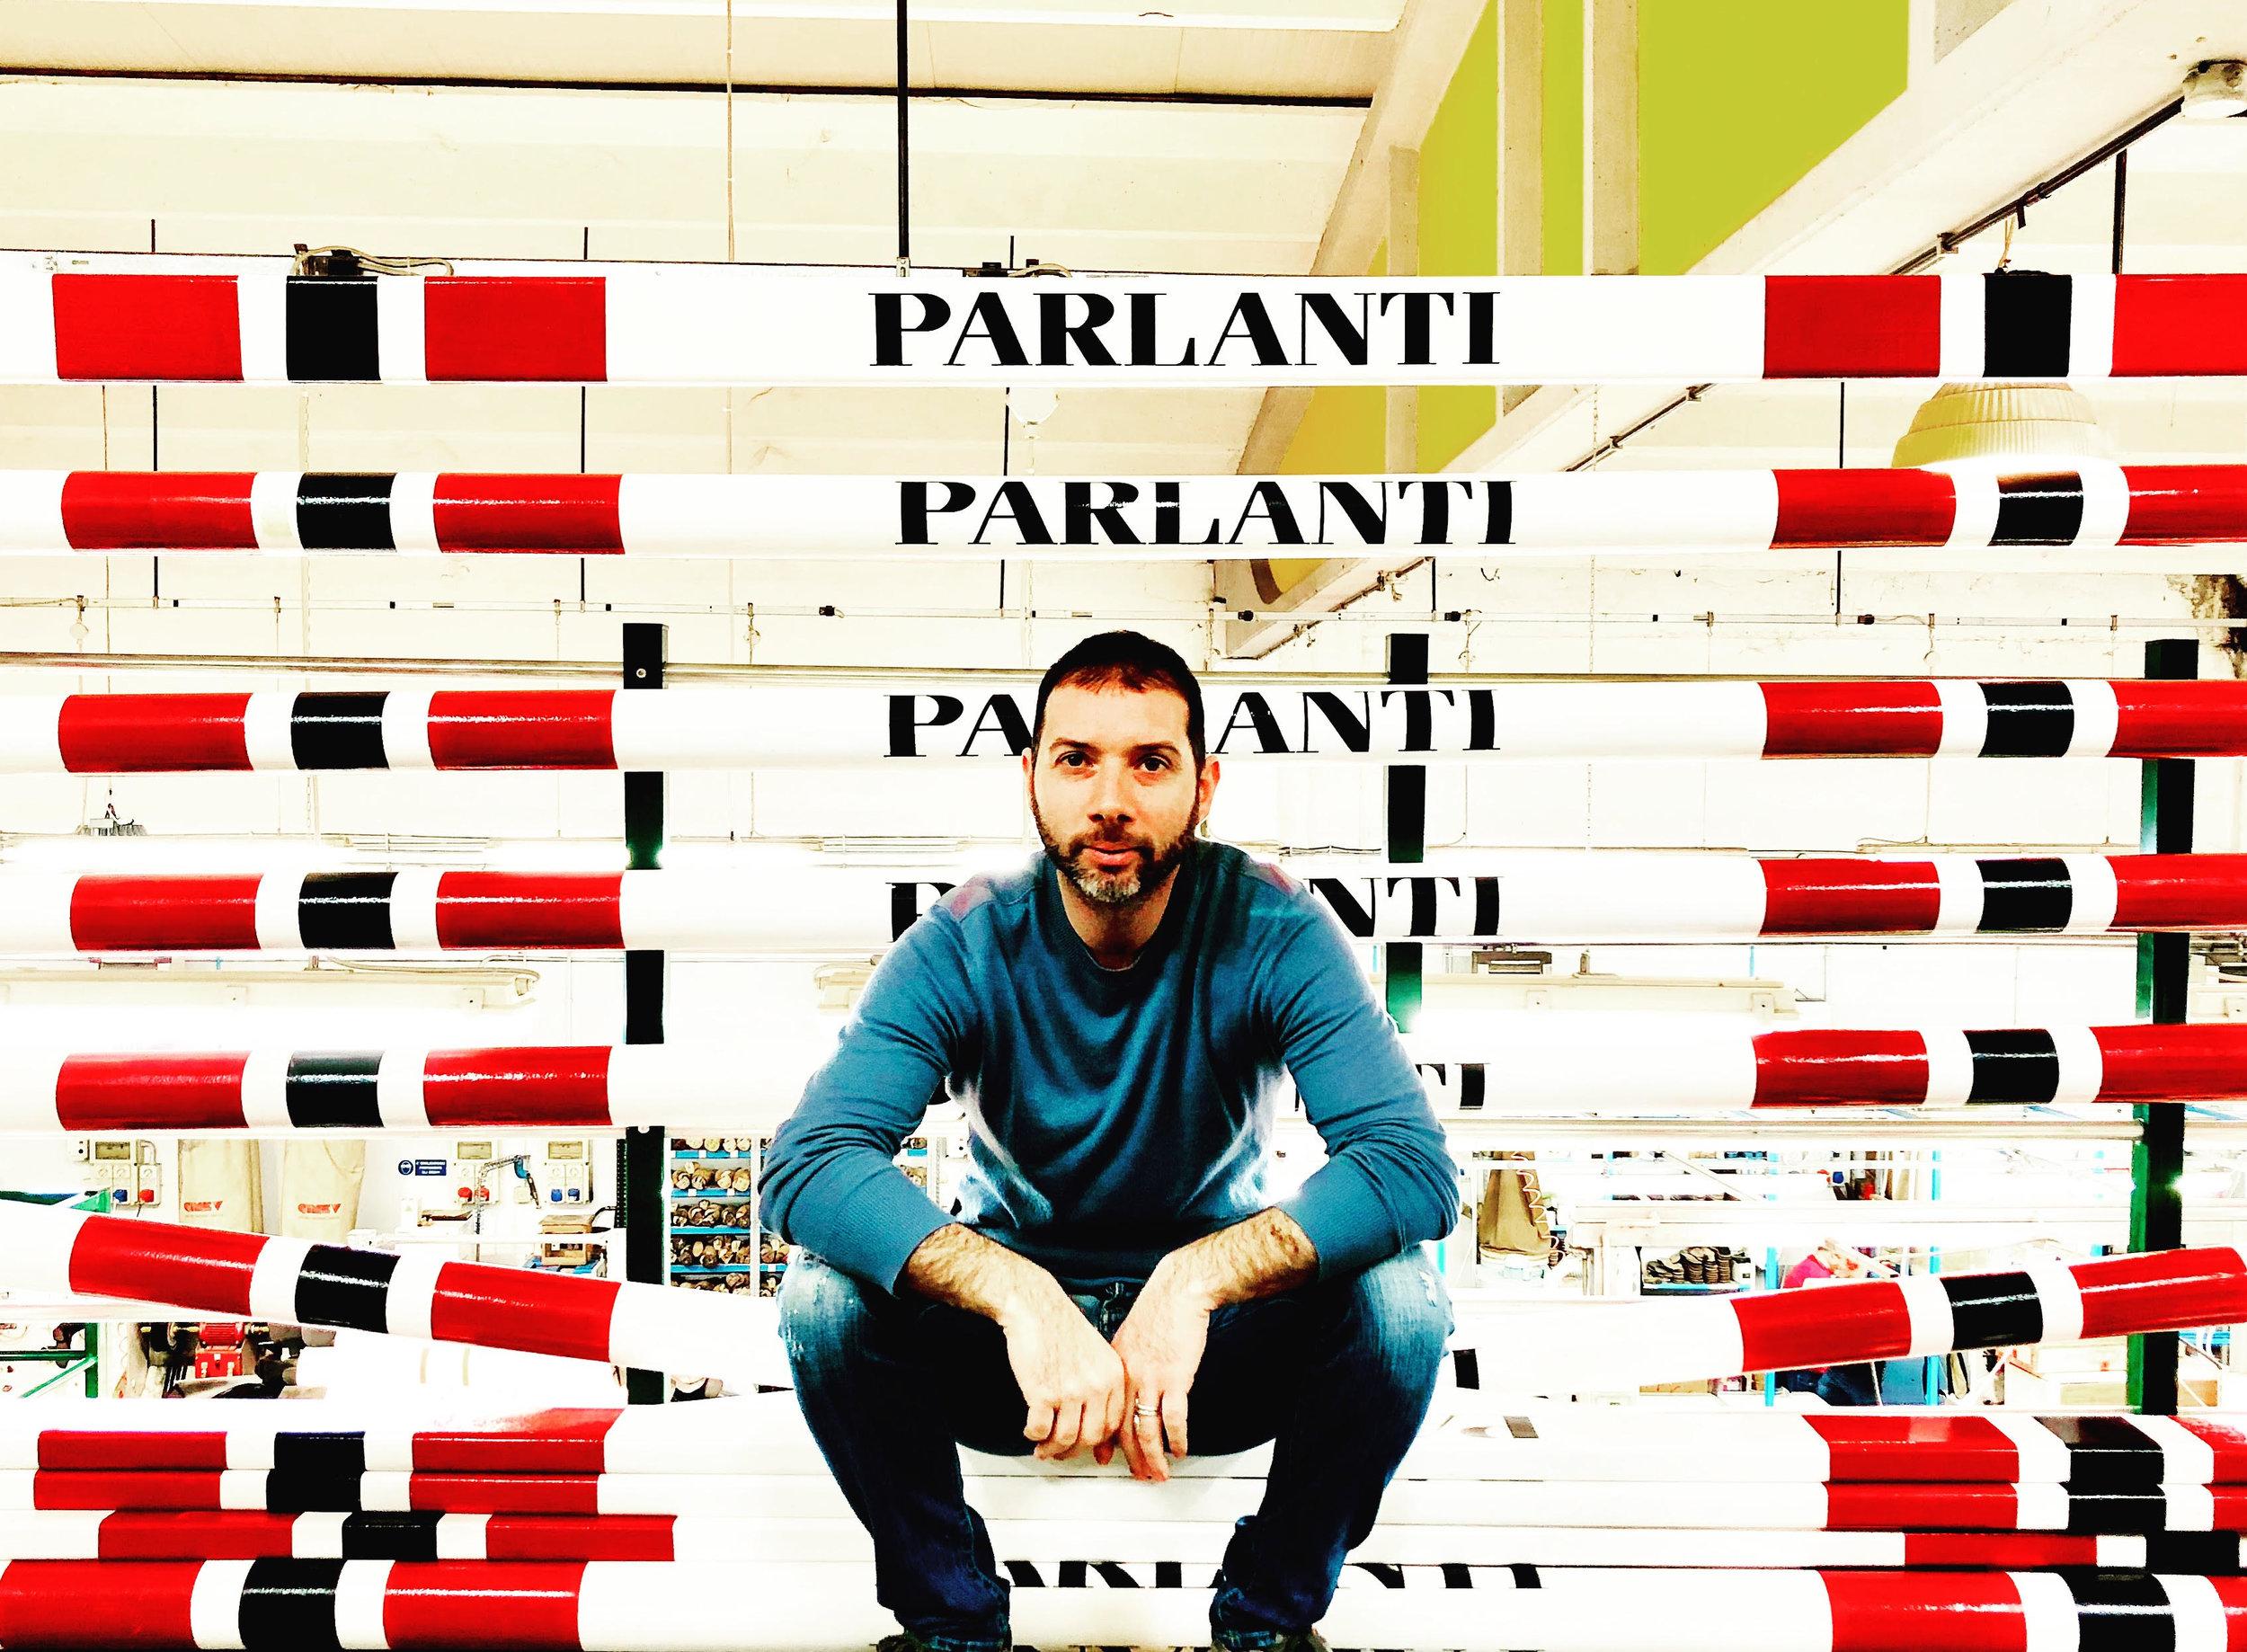 Francesco Iannelli. Photo courtesy of Francesco Iannelli.